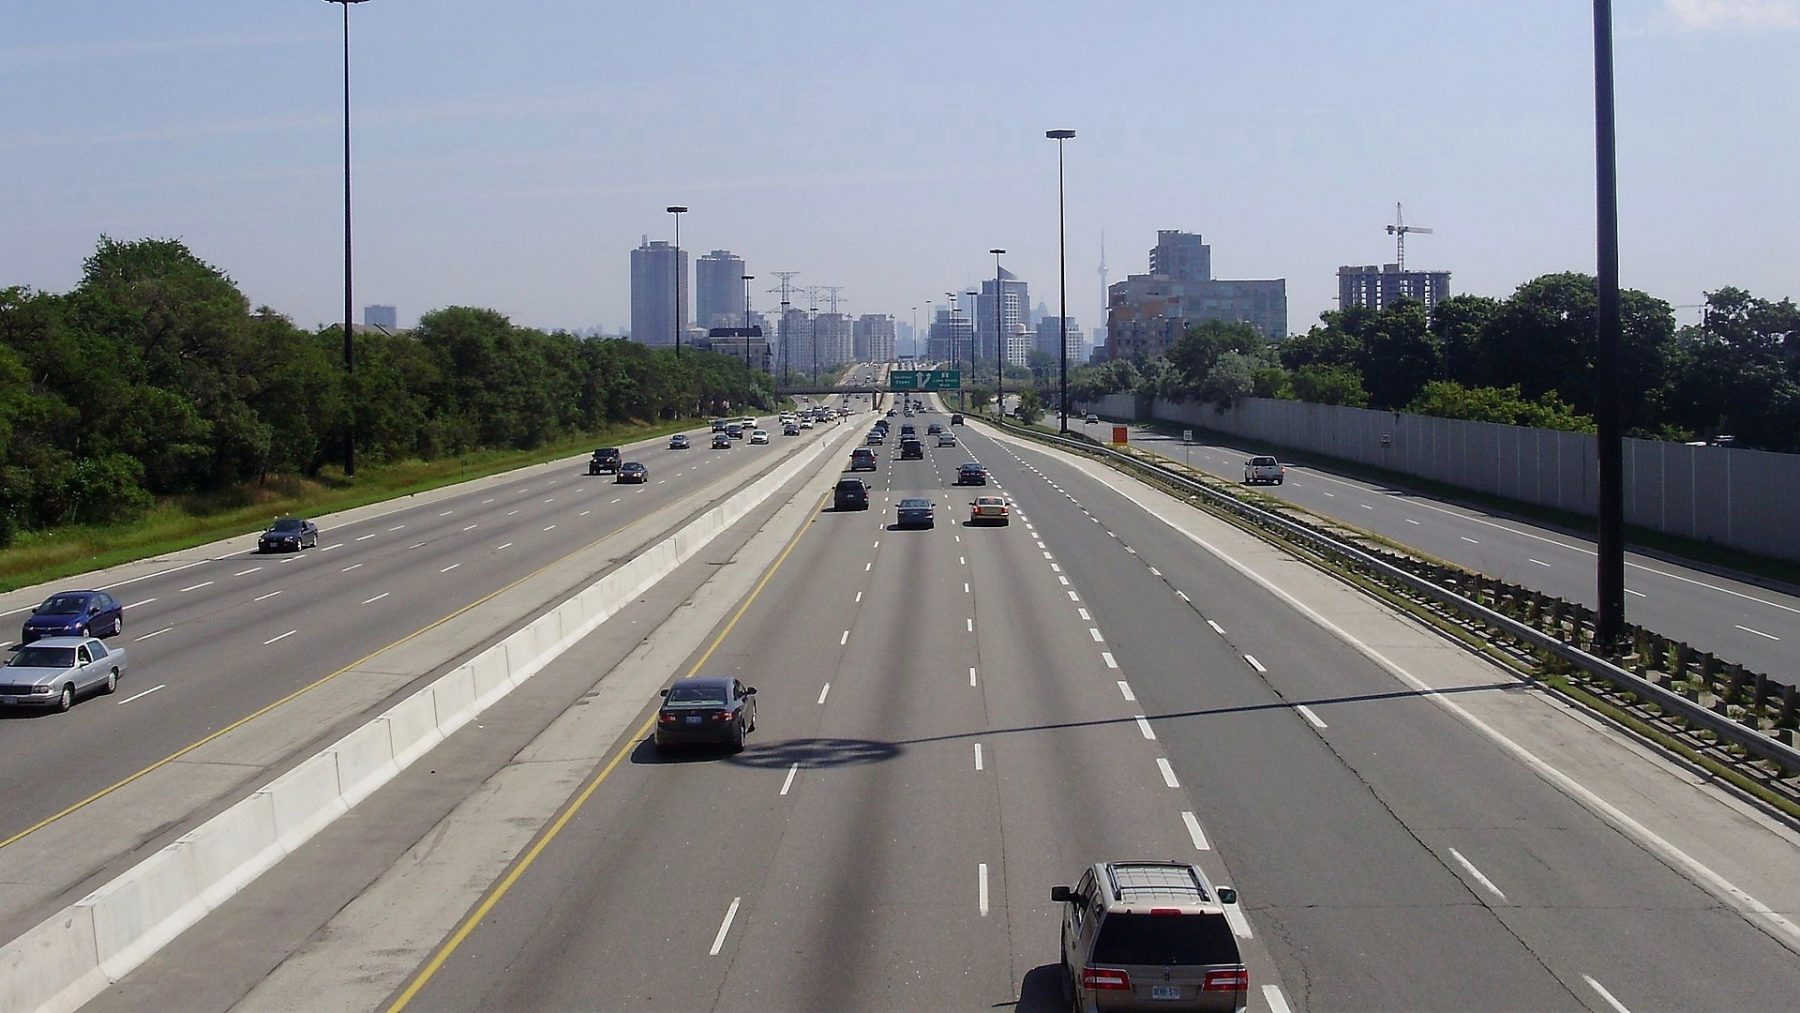 Qew toll lane